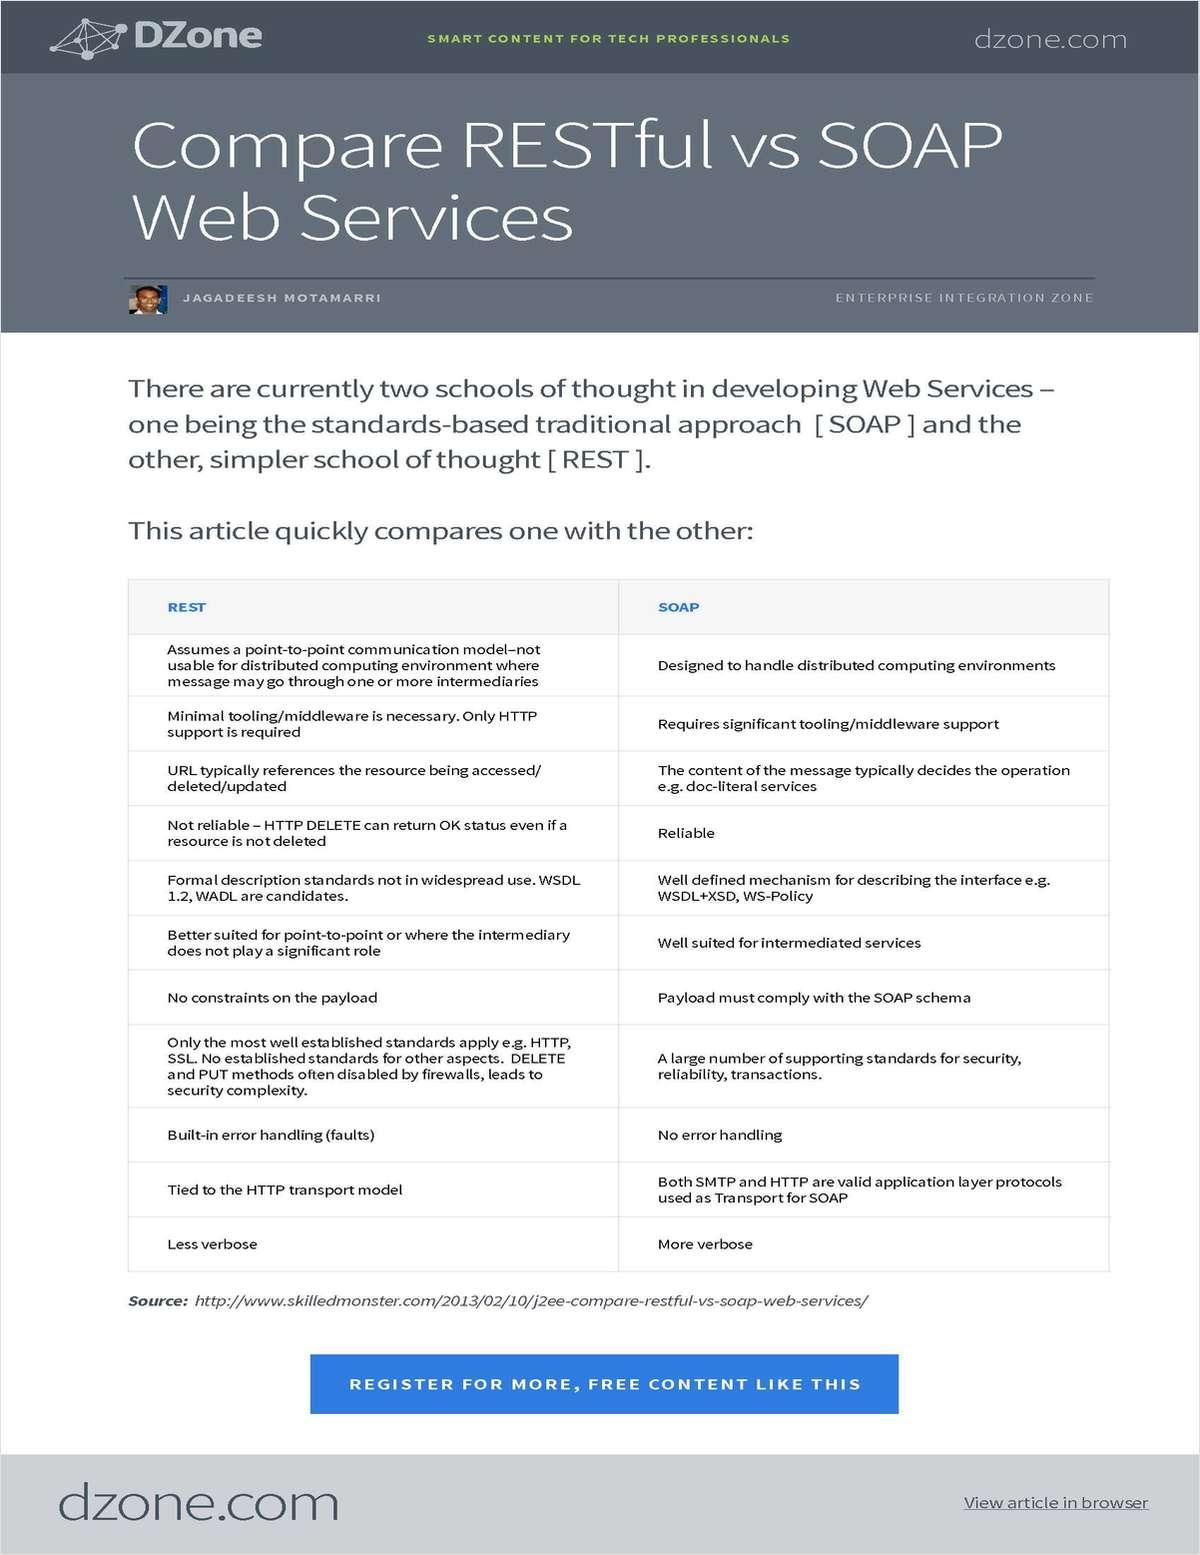 Compare RESTful vs SOAP Web Services